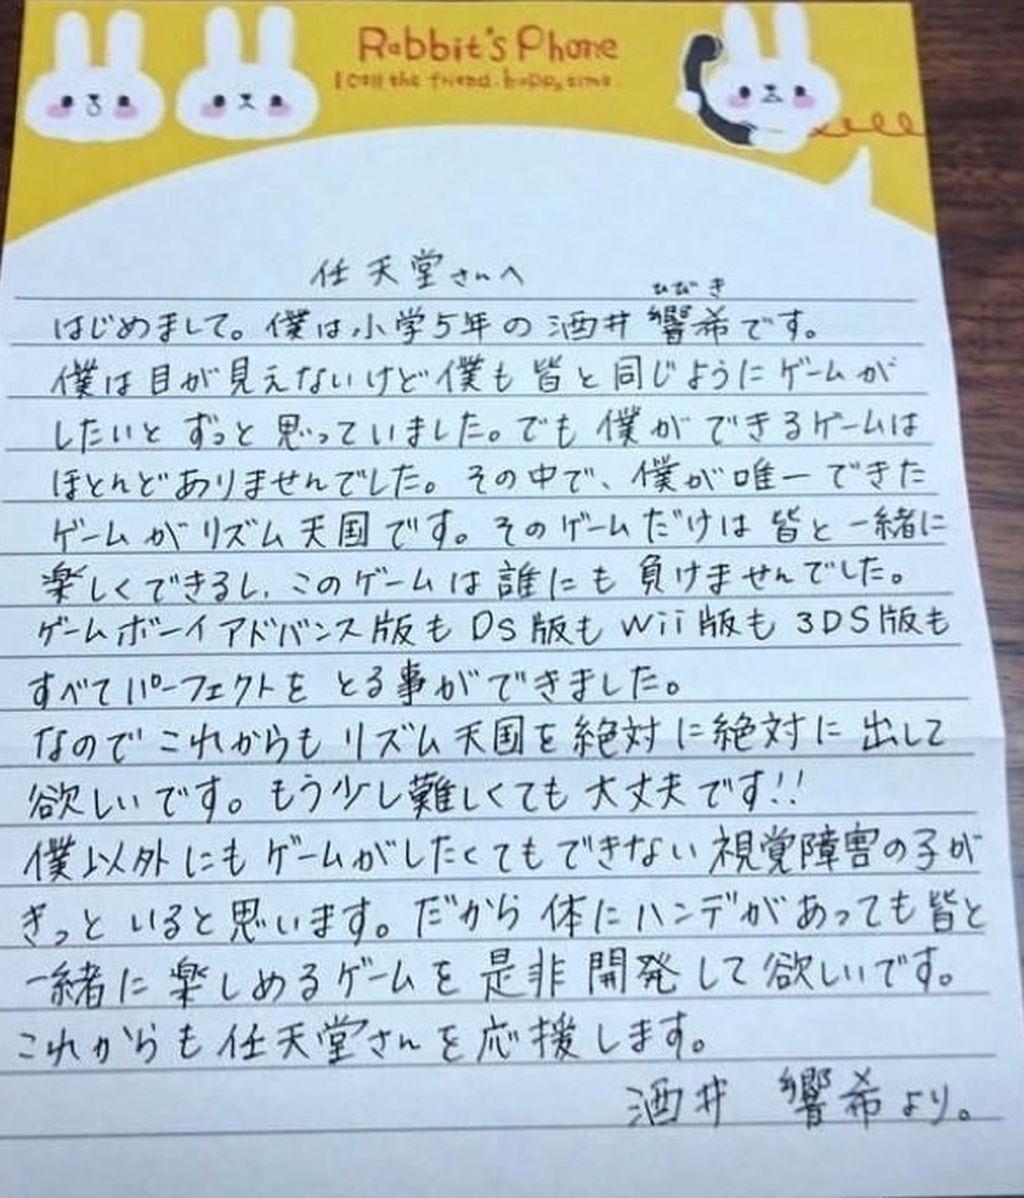 Carta de Hibiki a Nintendo